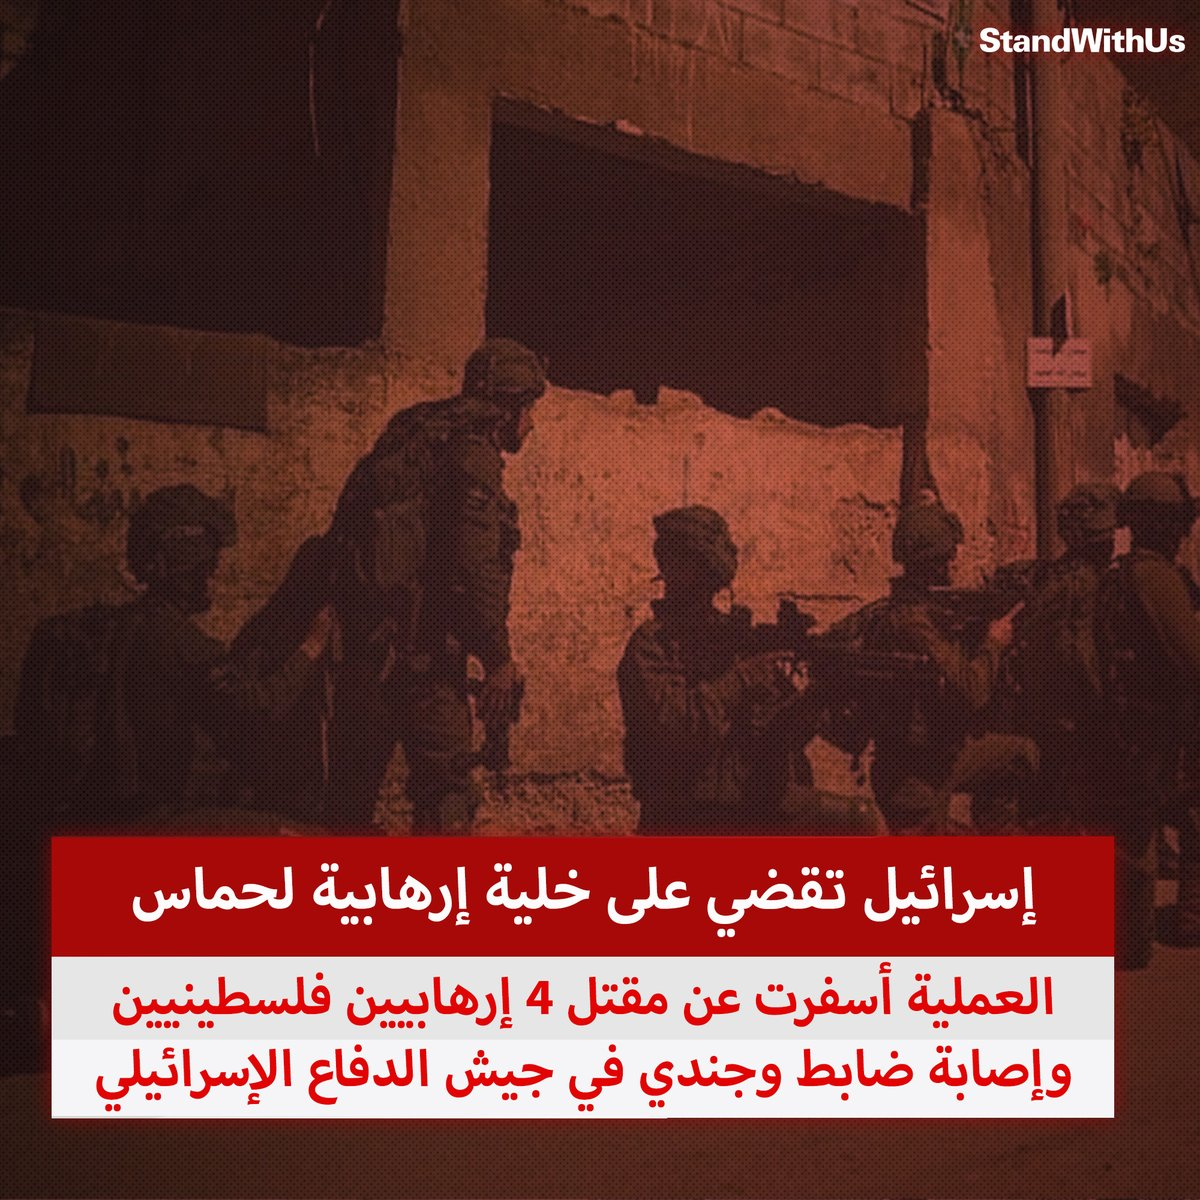 قامت قوات الأمن الإسرائيلية بالقضاء على خلية إرهابية لحماس في يهودا والسامرة كانت تخطط لشن هجمات إرهابية…